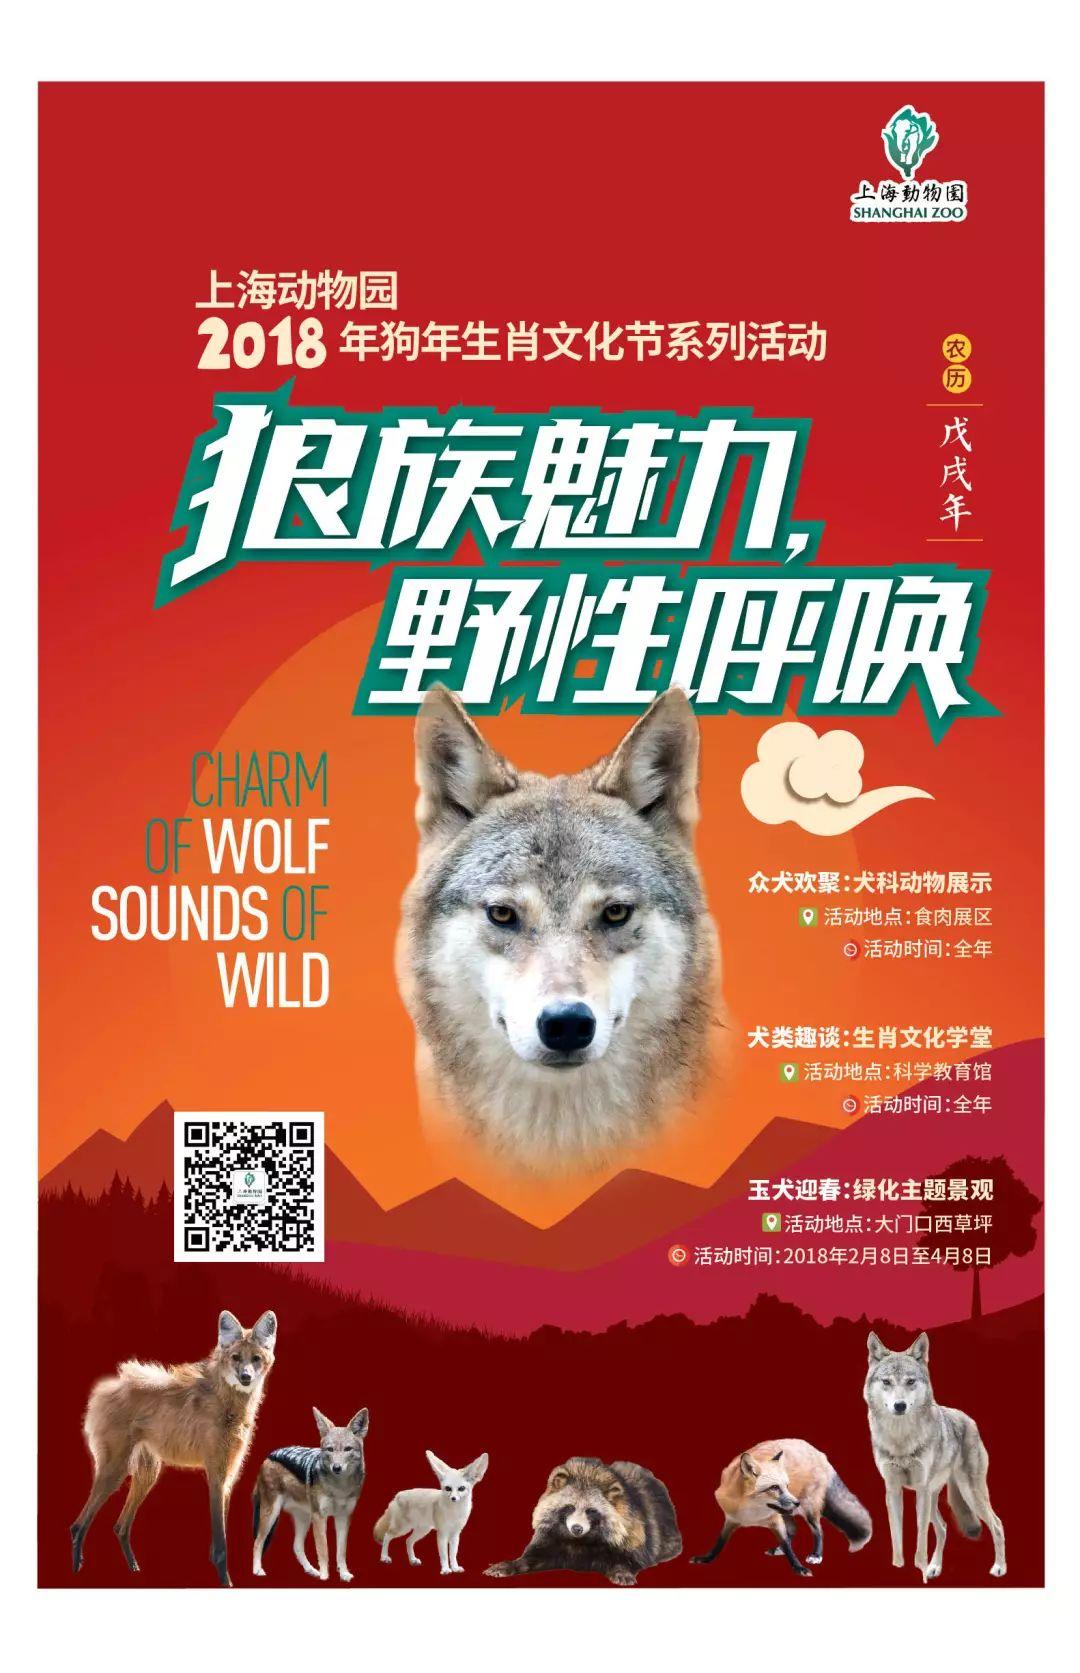 2018上海动物园狗年生肖文化节